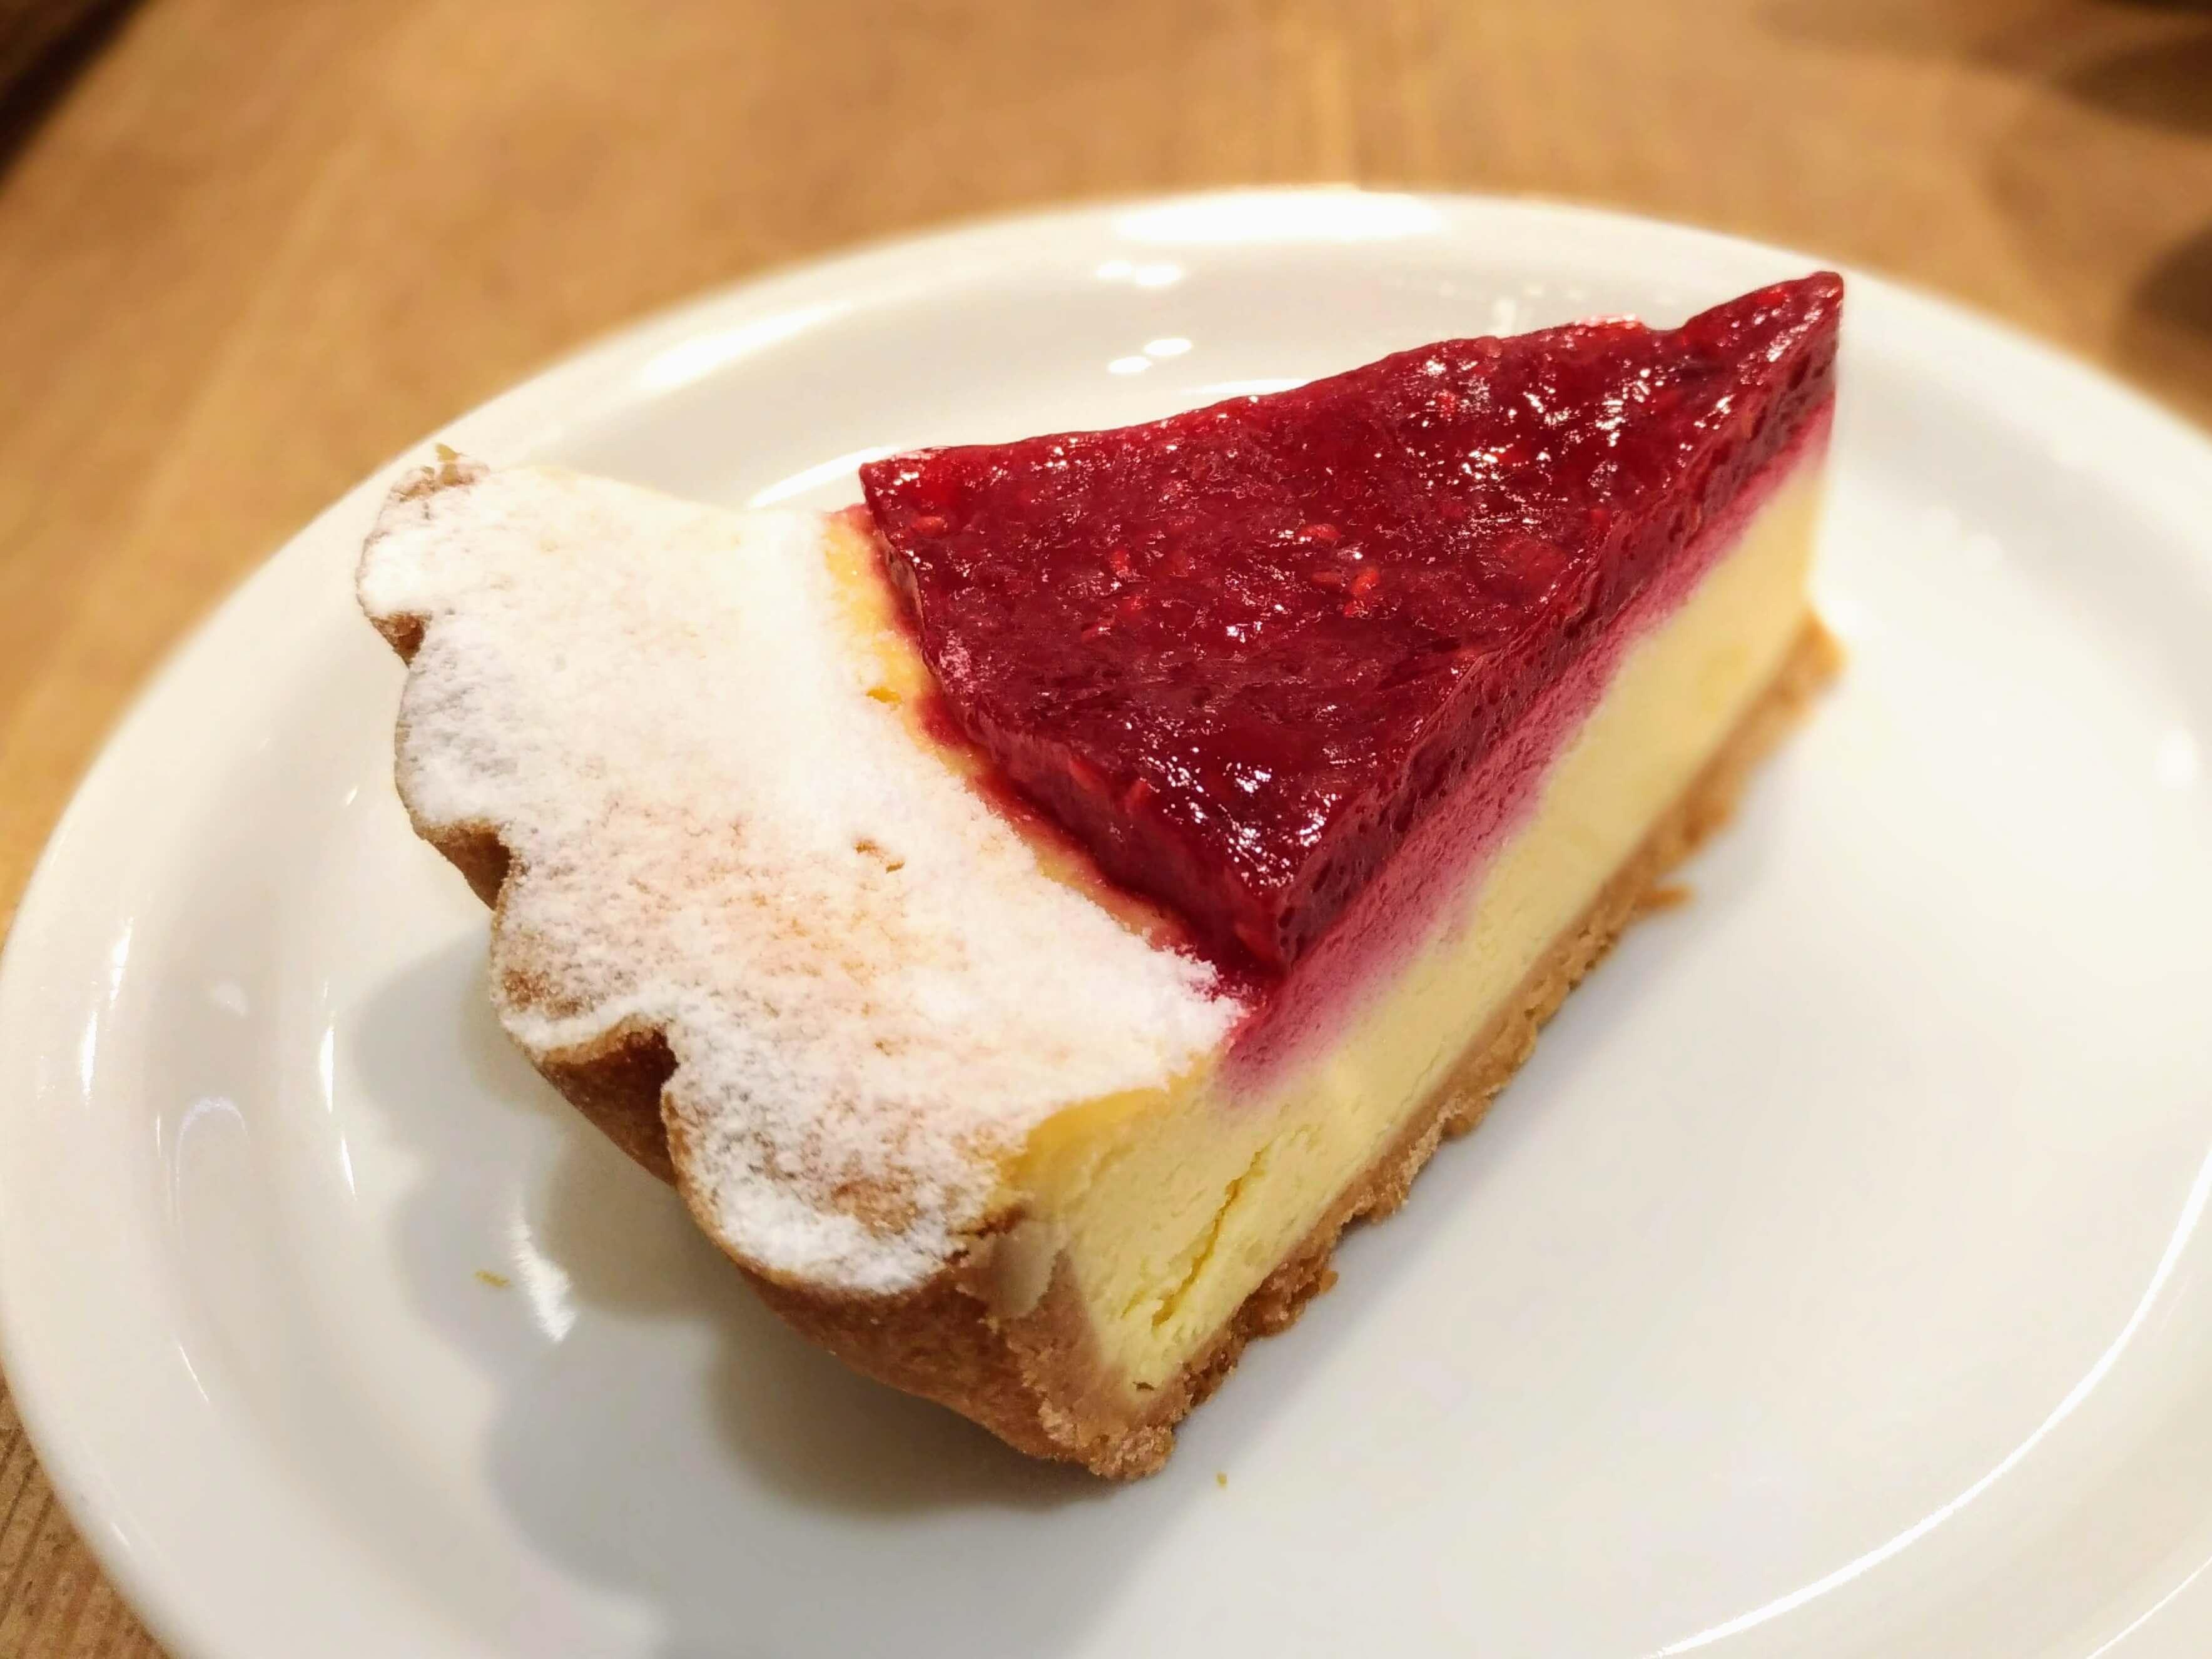 【ル・パン・コティディアン(Le Pain Quotidien)】 ニューヨークチーズケーキ